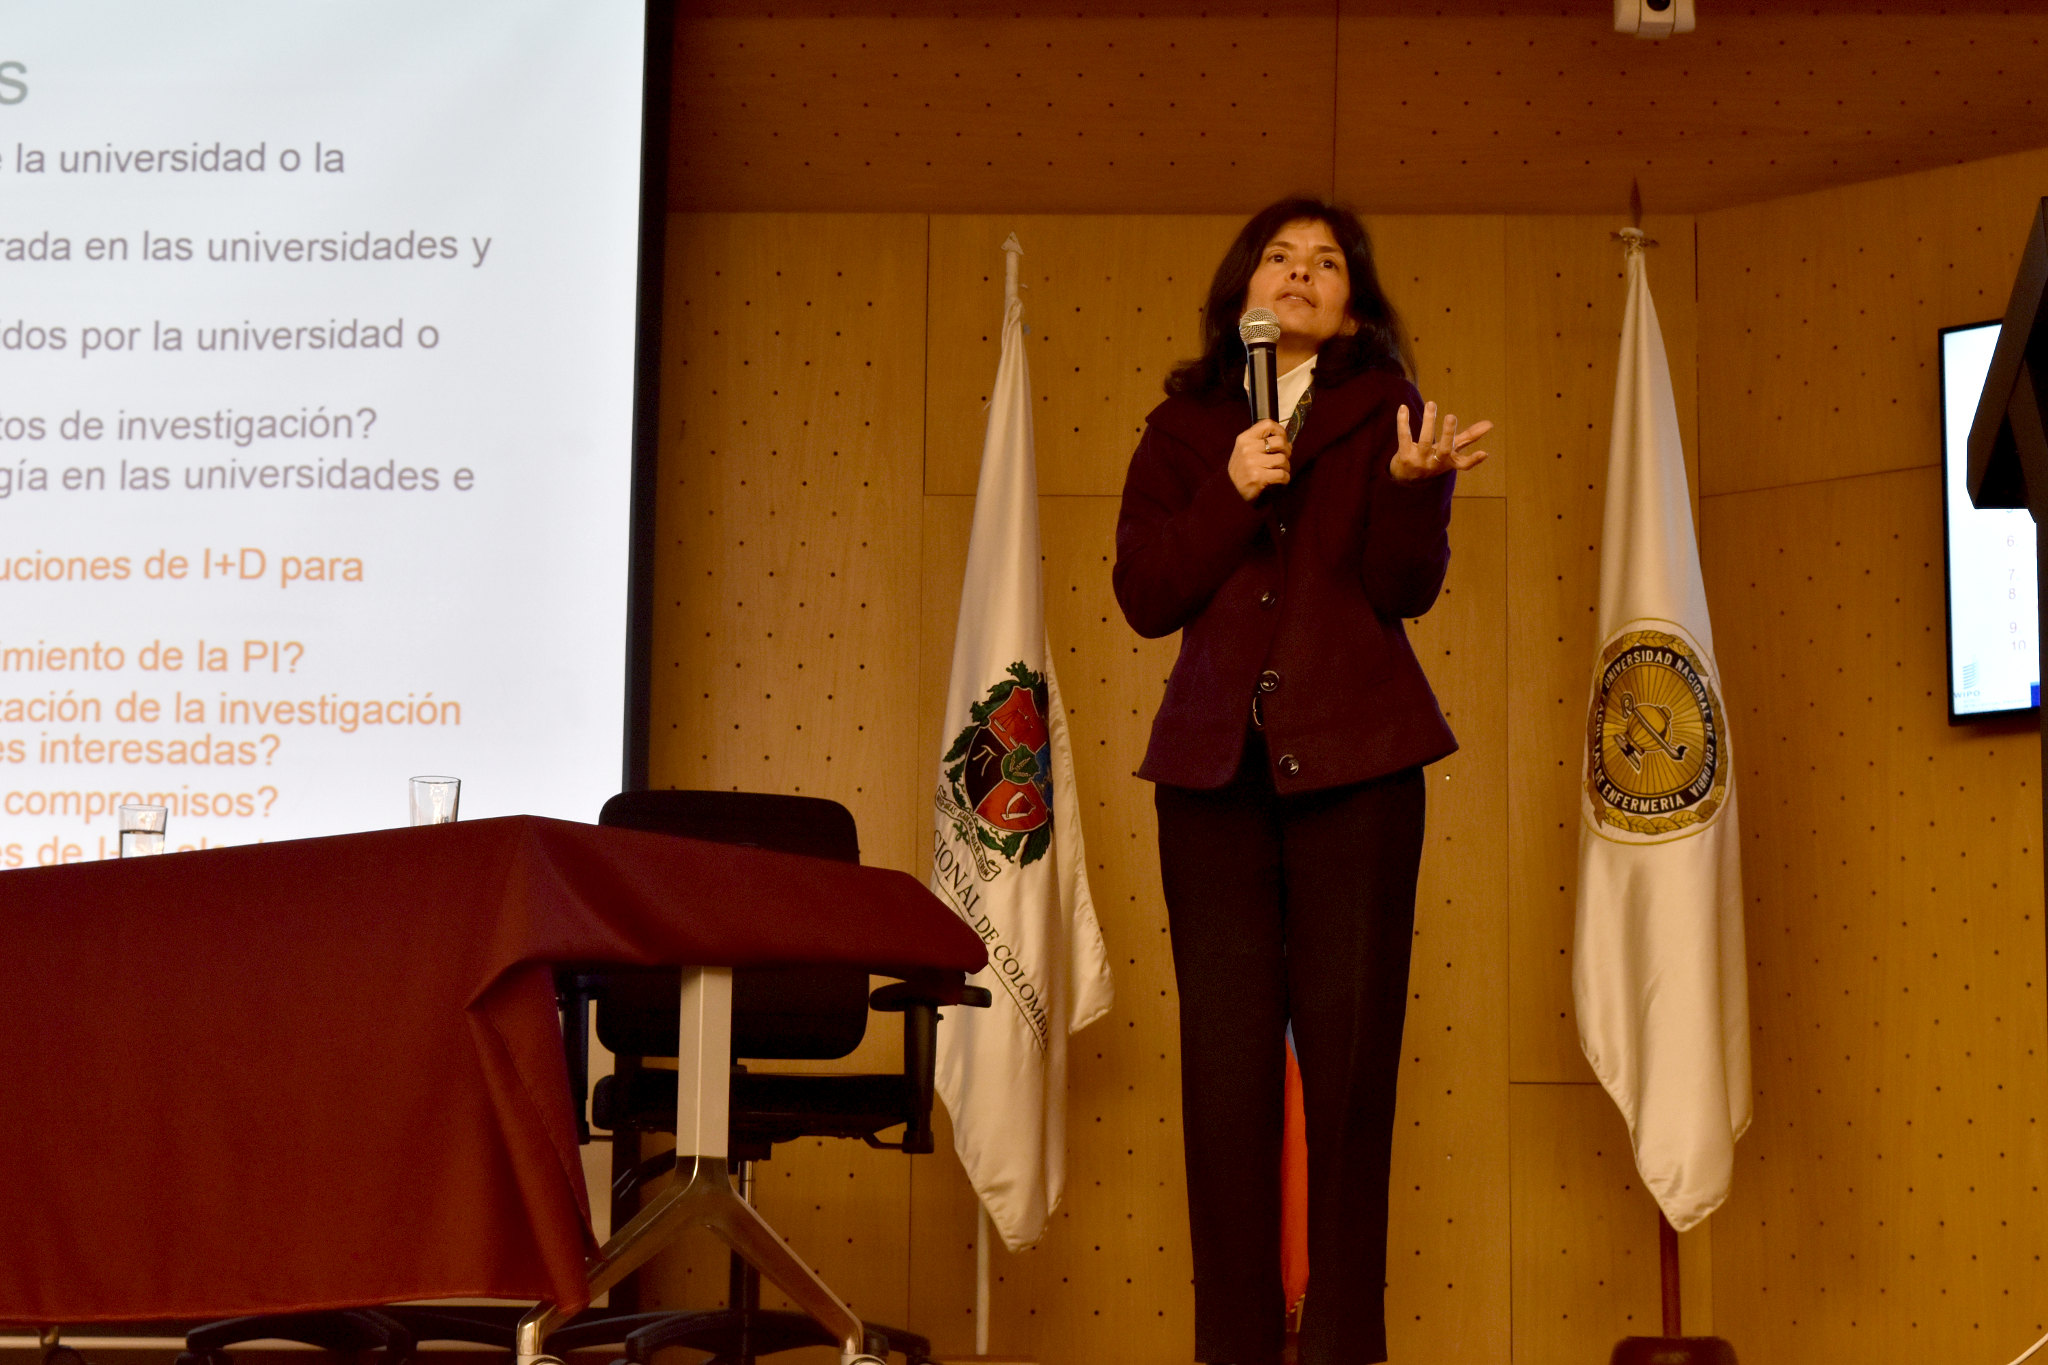 María del Pilar Noriega Escobar, directora general del Instituto de Capacitación e Investigación del Plástico y del Caucho (ICIPC) (Foto: Aura Flechas / DNEIPI / Vicerrectoría de Investigación (VRI) - Universidad Nacional de Colombia)